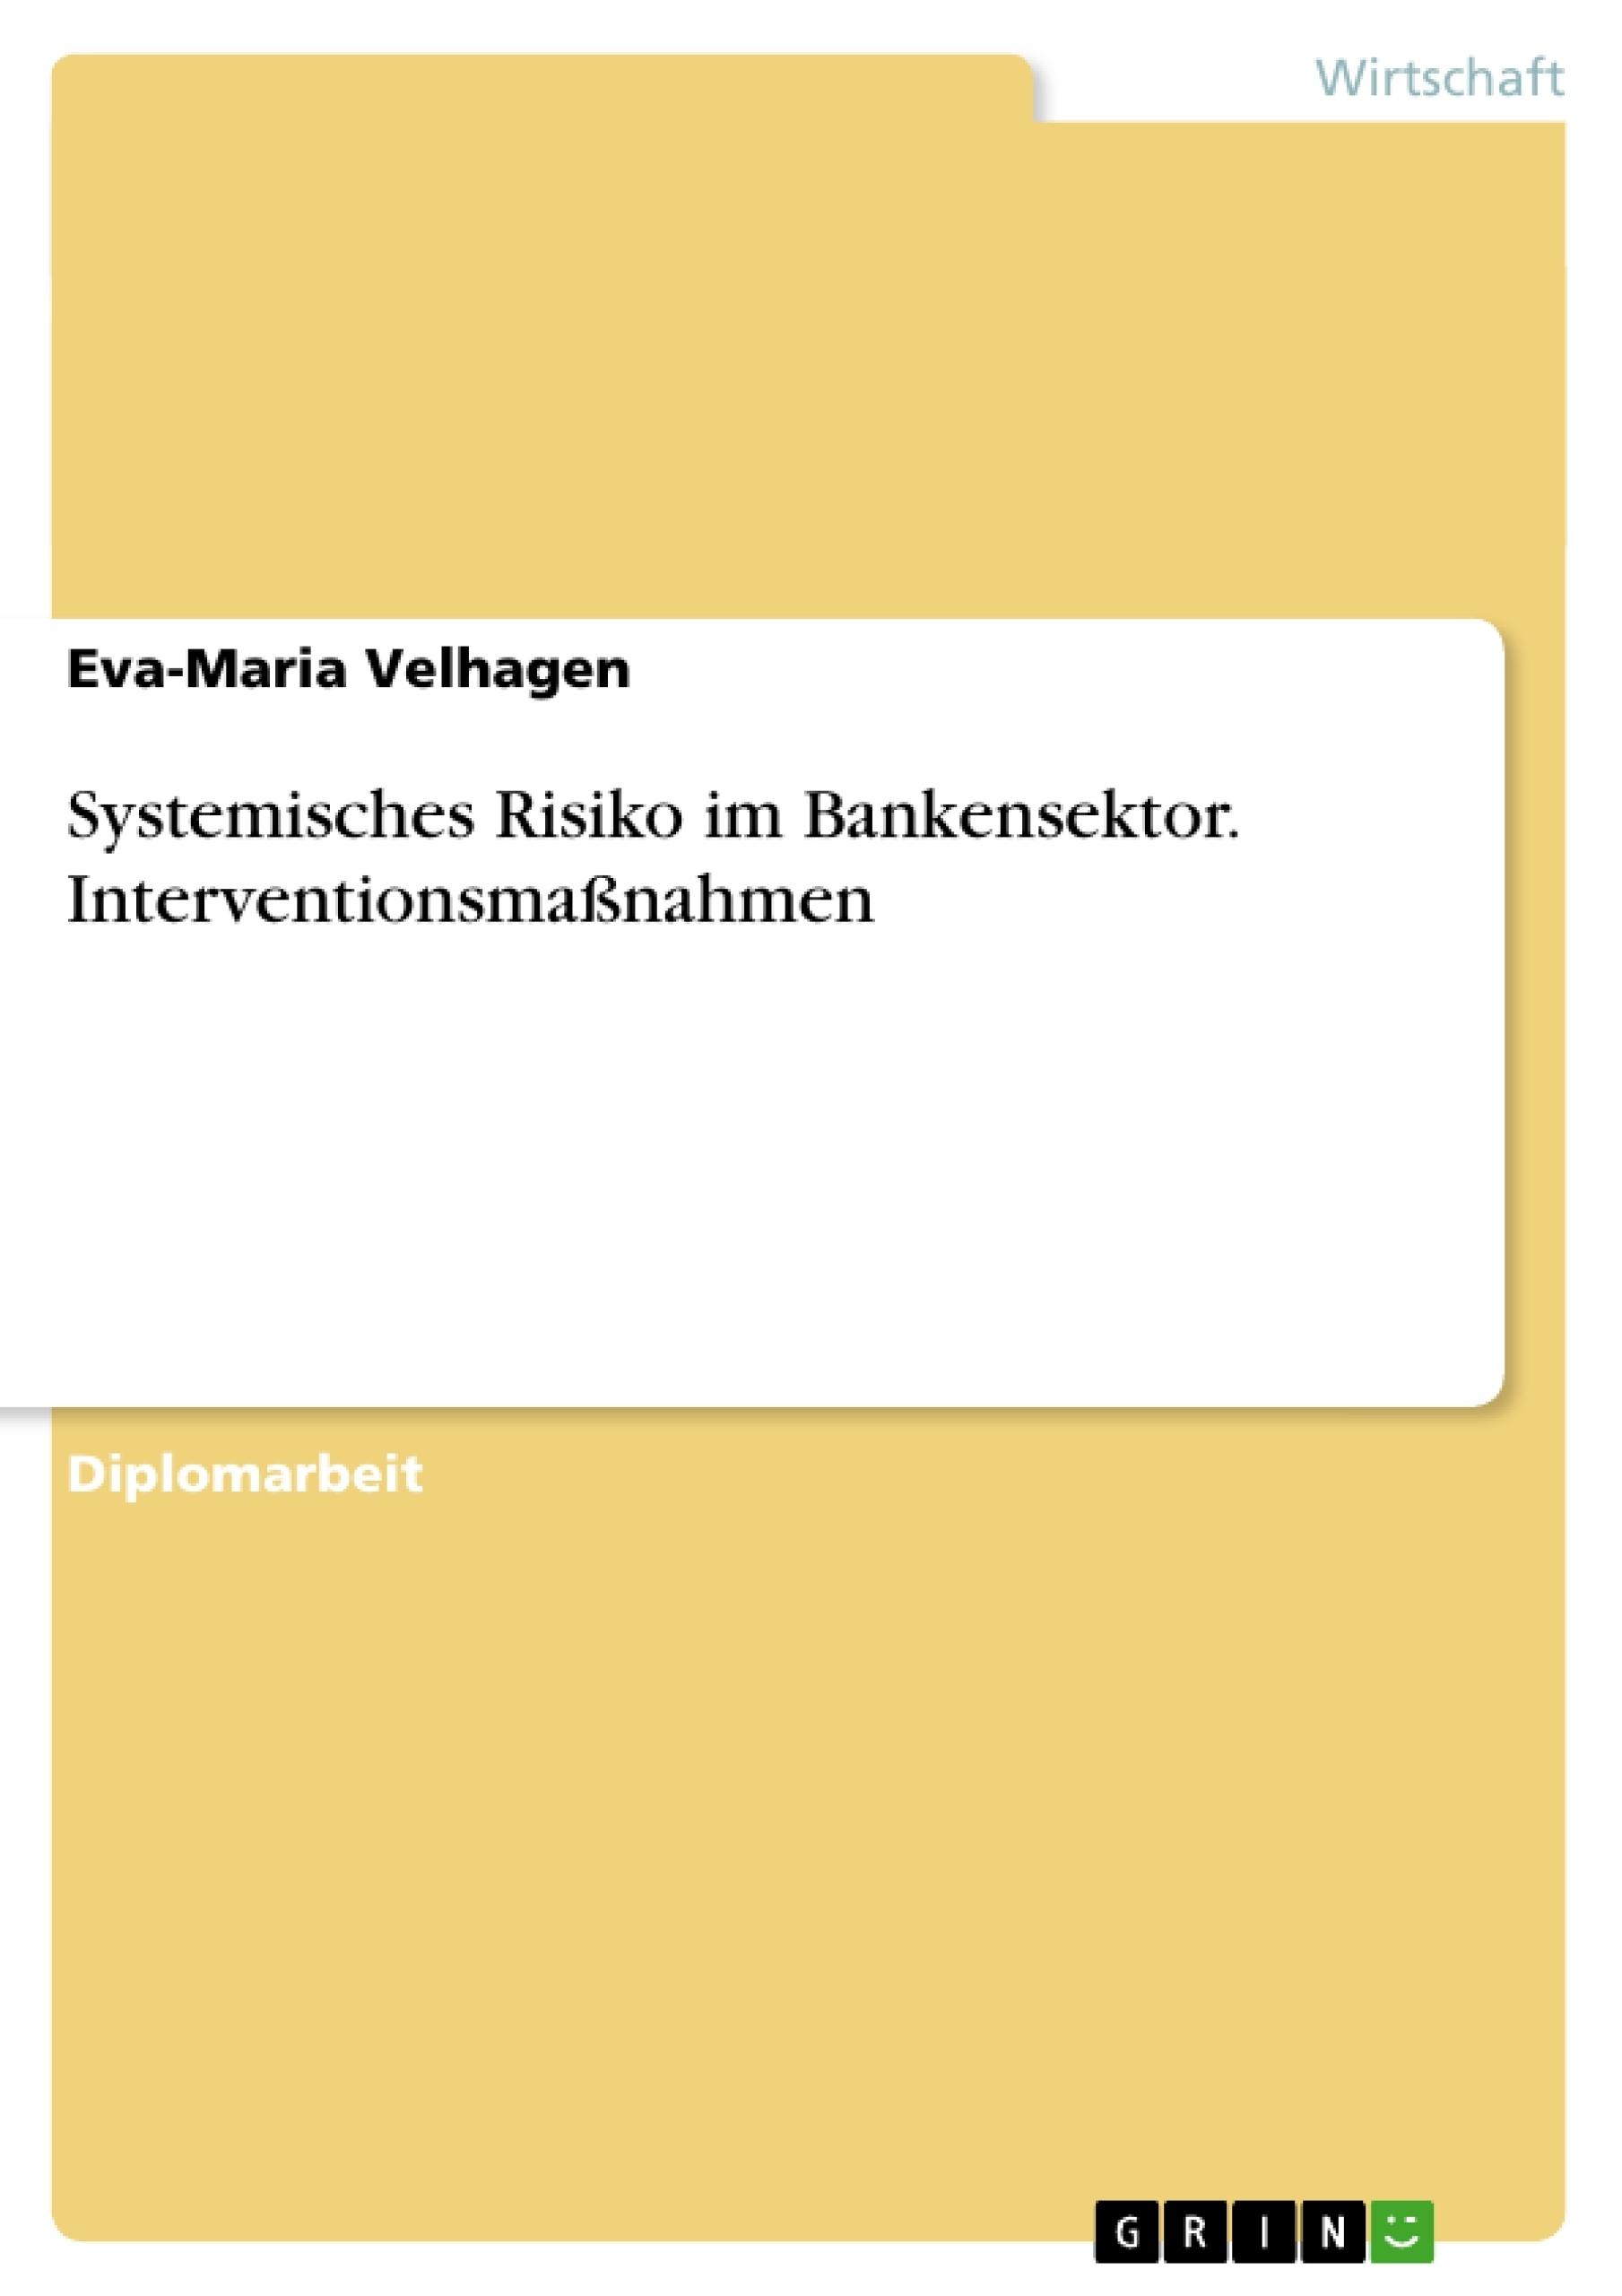 Titel: Systemisches Risiko im Bankensektor. Interventionsmaßnahmen